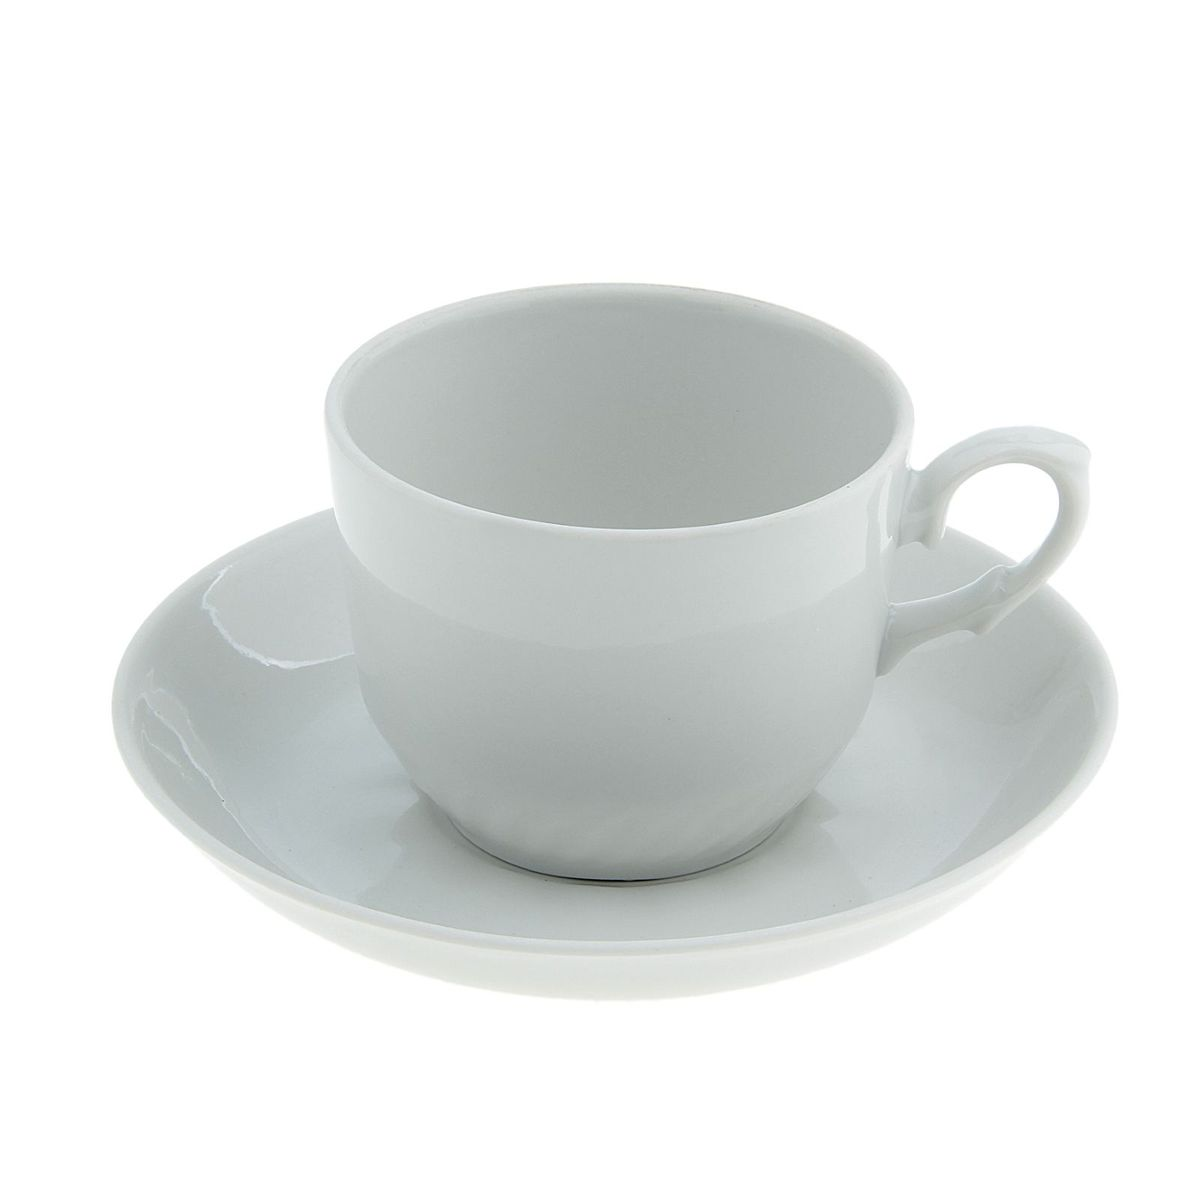 Чайная пара Кирмаш. Белье, 2 предмета чайная пара экспресс белье 2 предмета